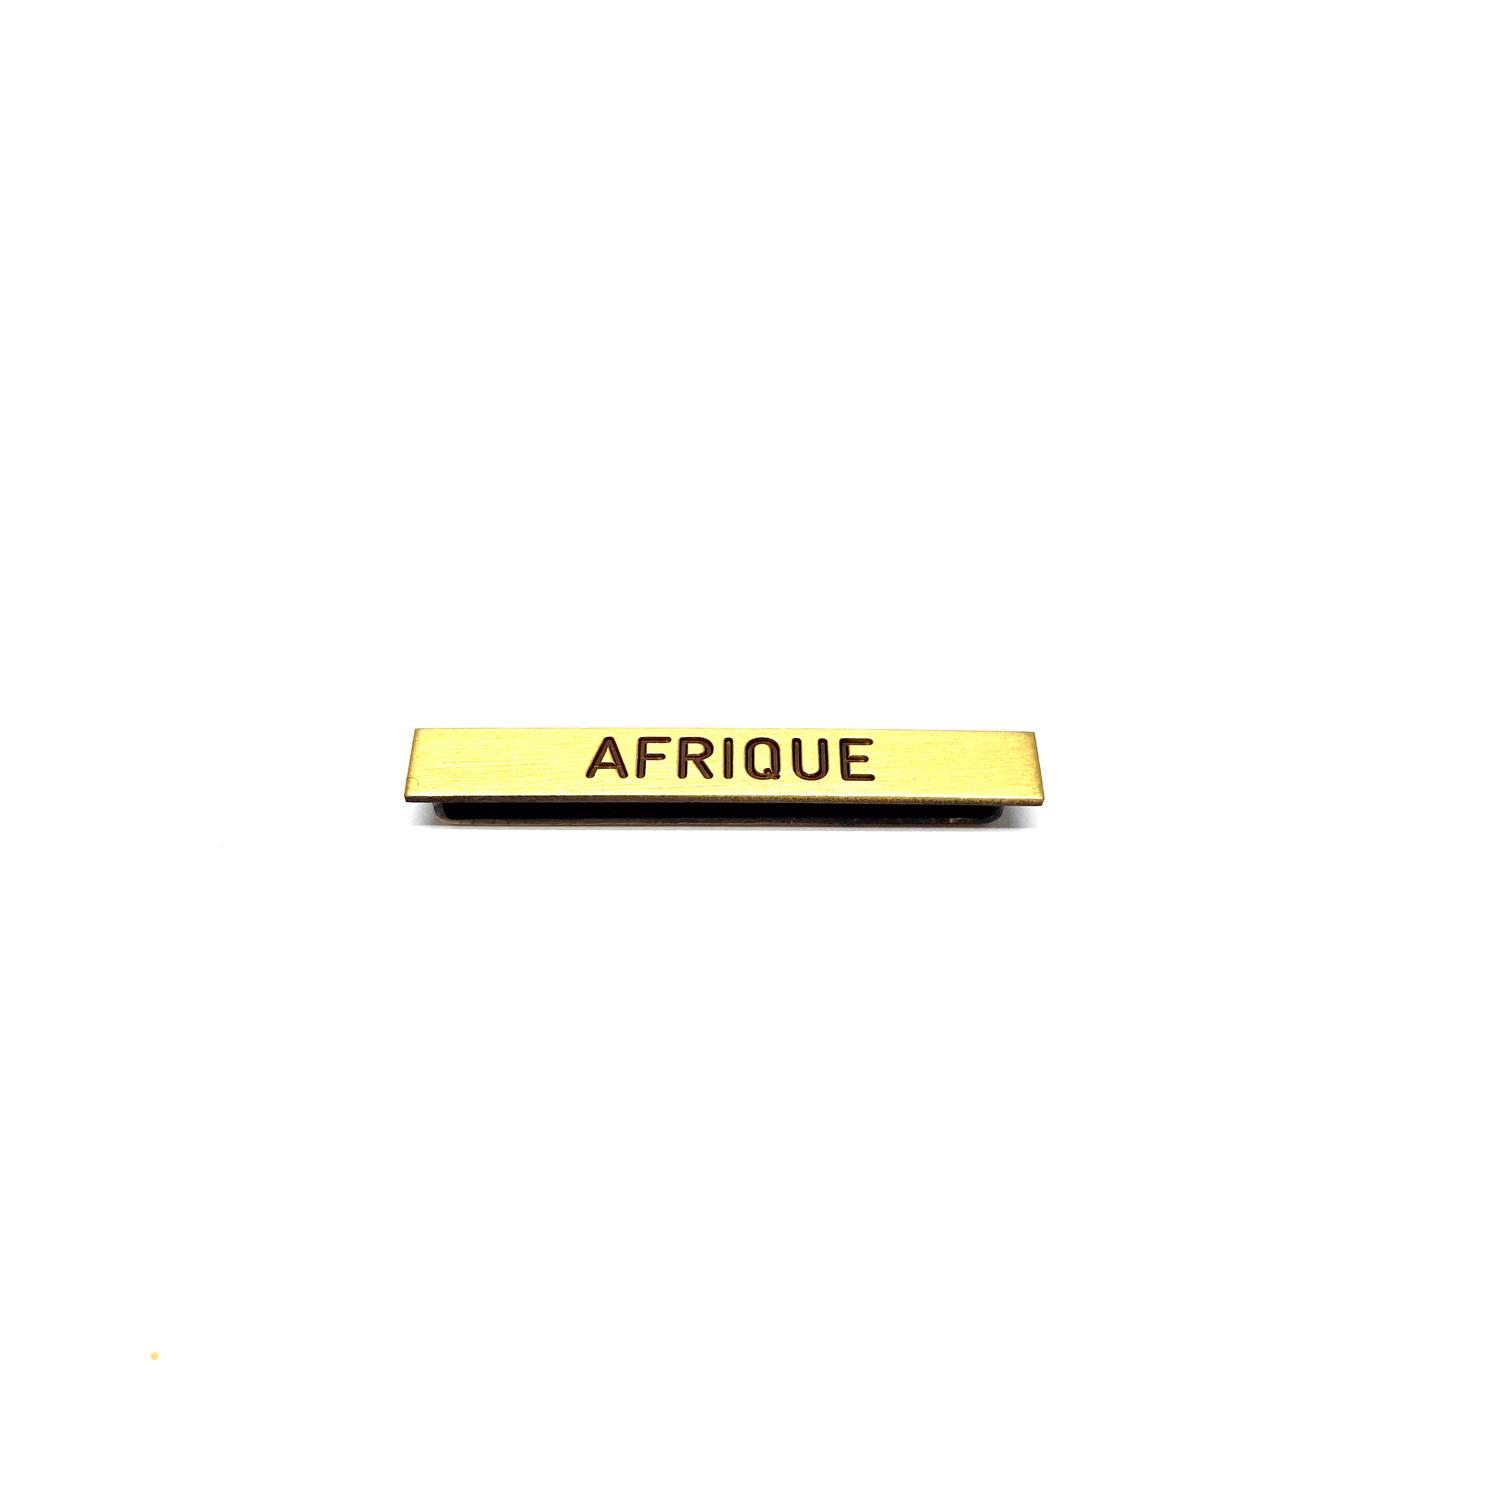 Barrette Afrique pour décorations militaires